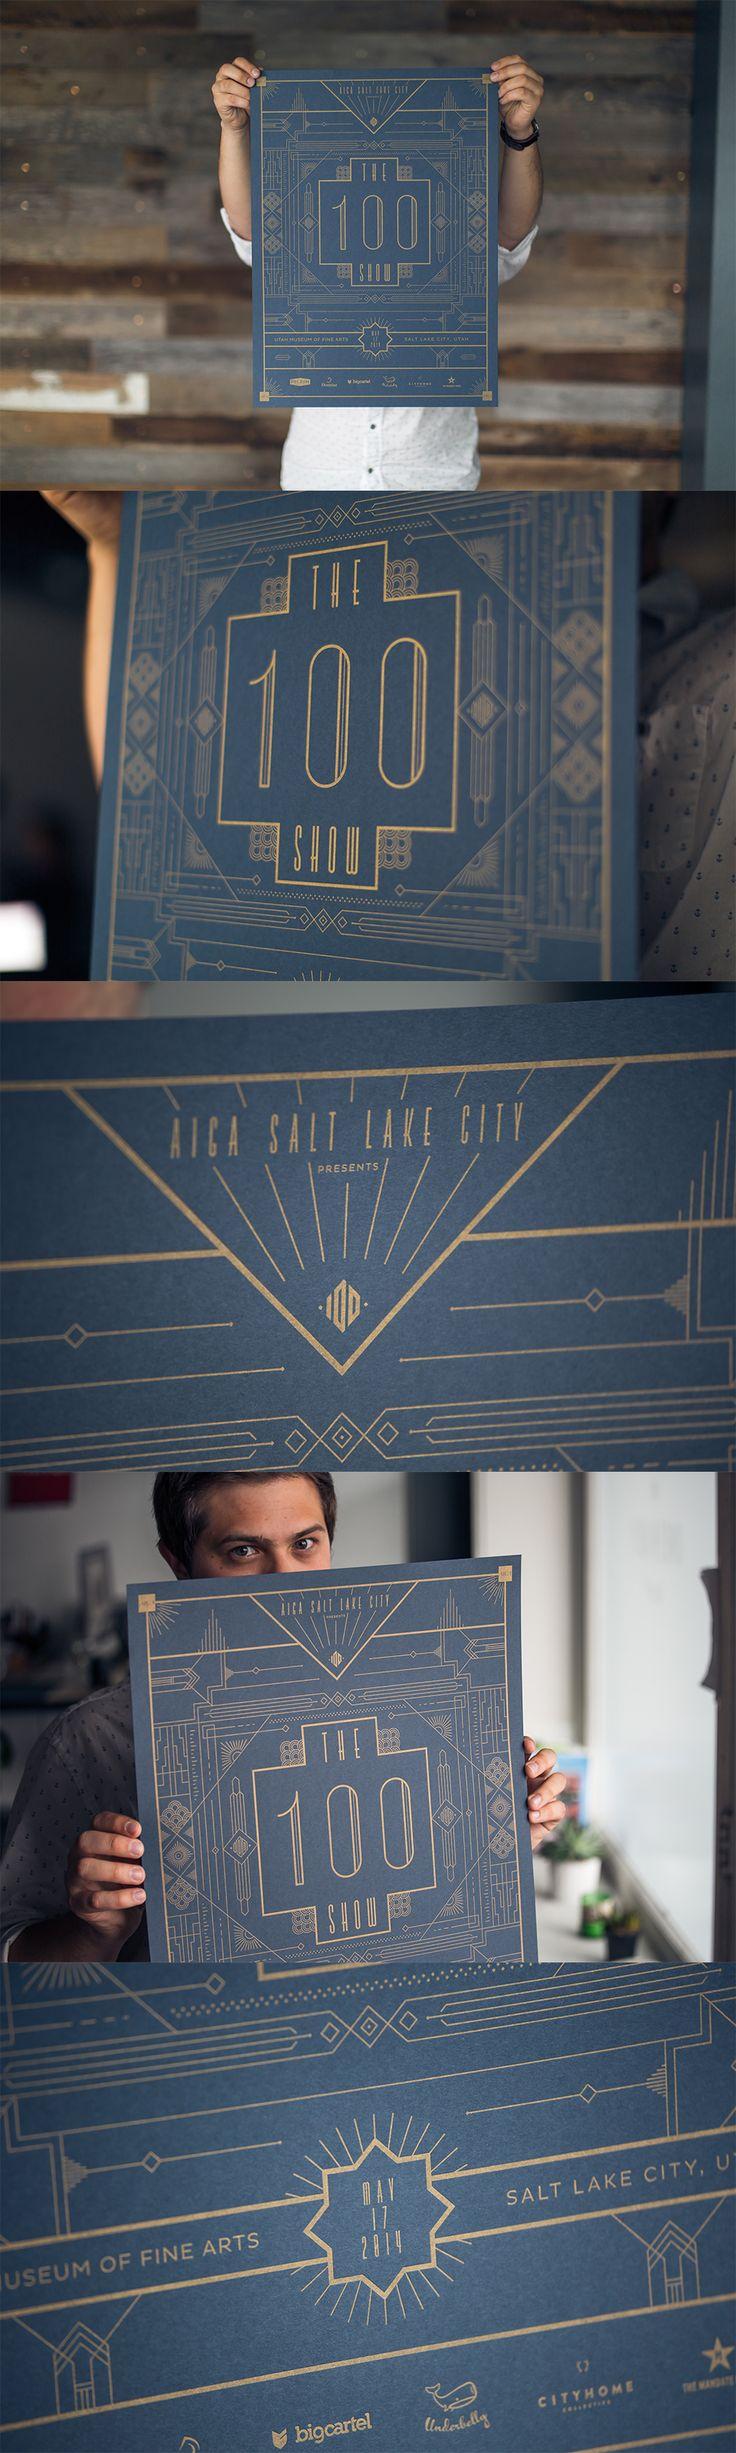 AIGA 100 Show Event Poster // Salt Lake City // Design by Underbelly マットな紺色と光沢の金。 この組み合わせが効果的な 細い線だけで創るビジュアル。